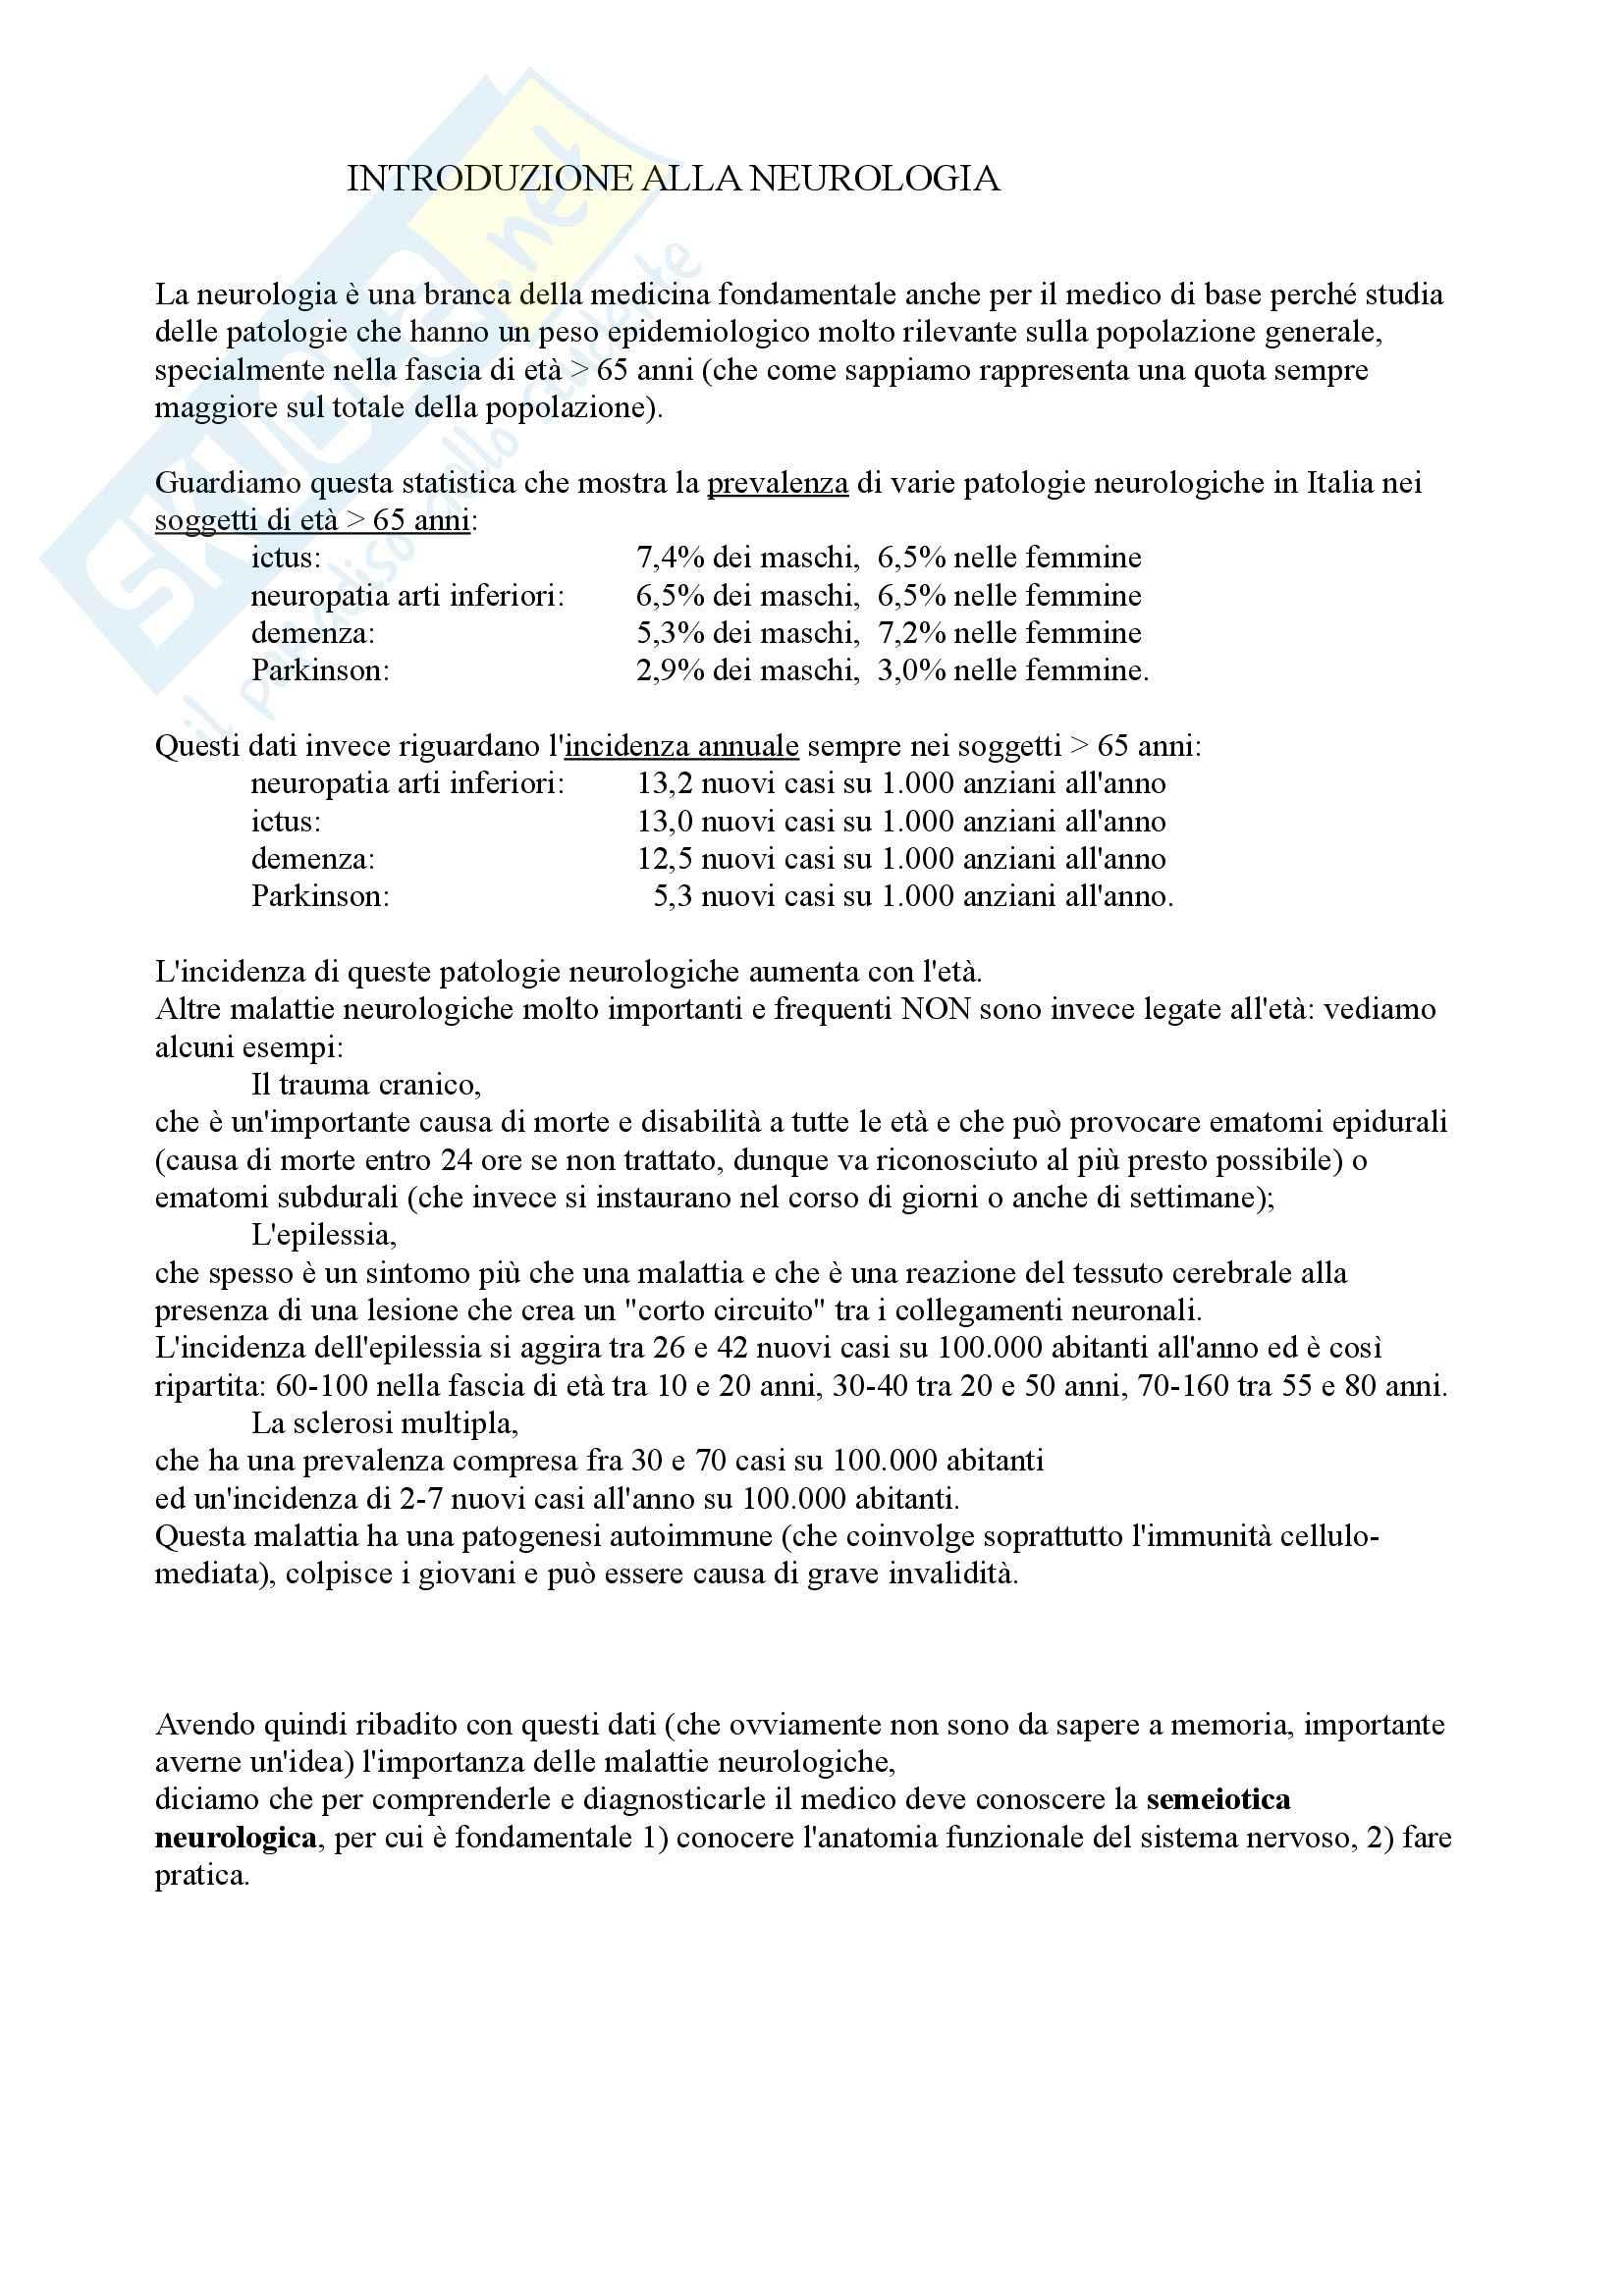 Neurologia - introduzione